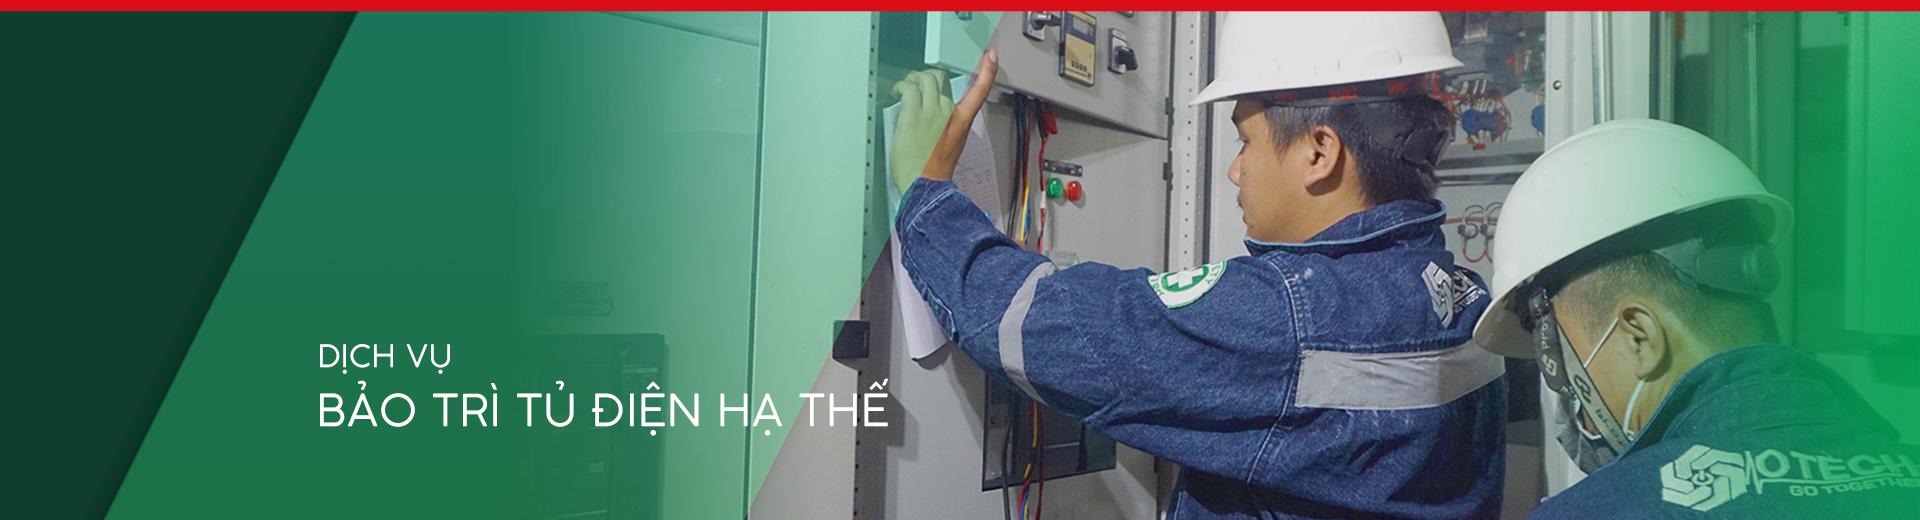 Dịch vụ bảo trì tủ hạ thế